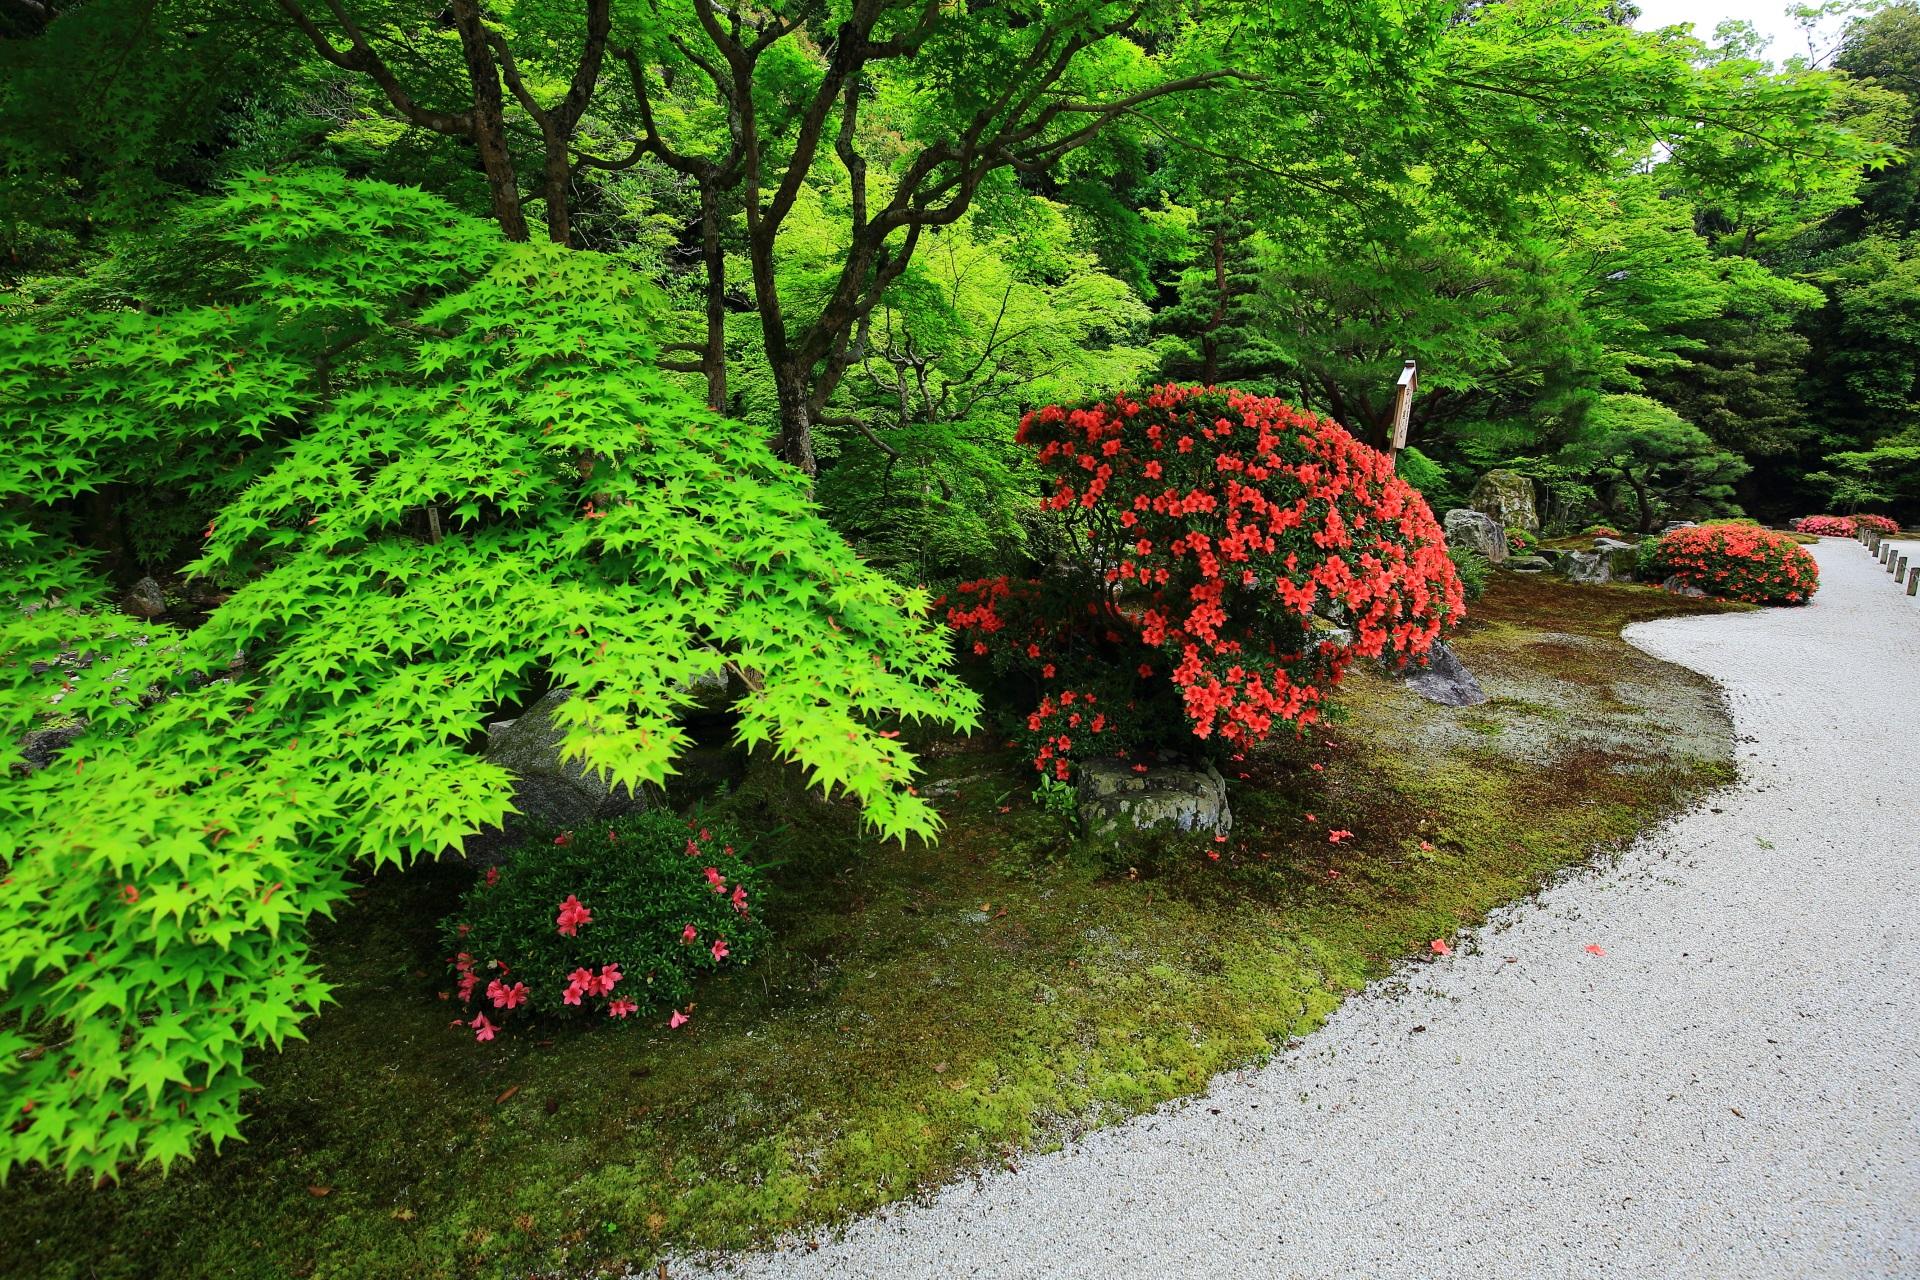 知恩院 方丈庭園 さつき 鮮やかな彩りと新緑